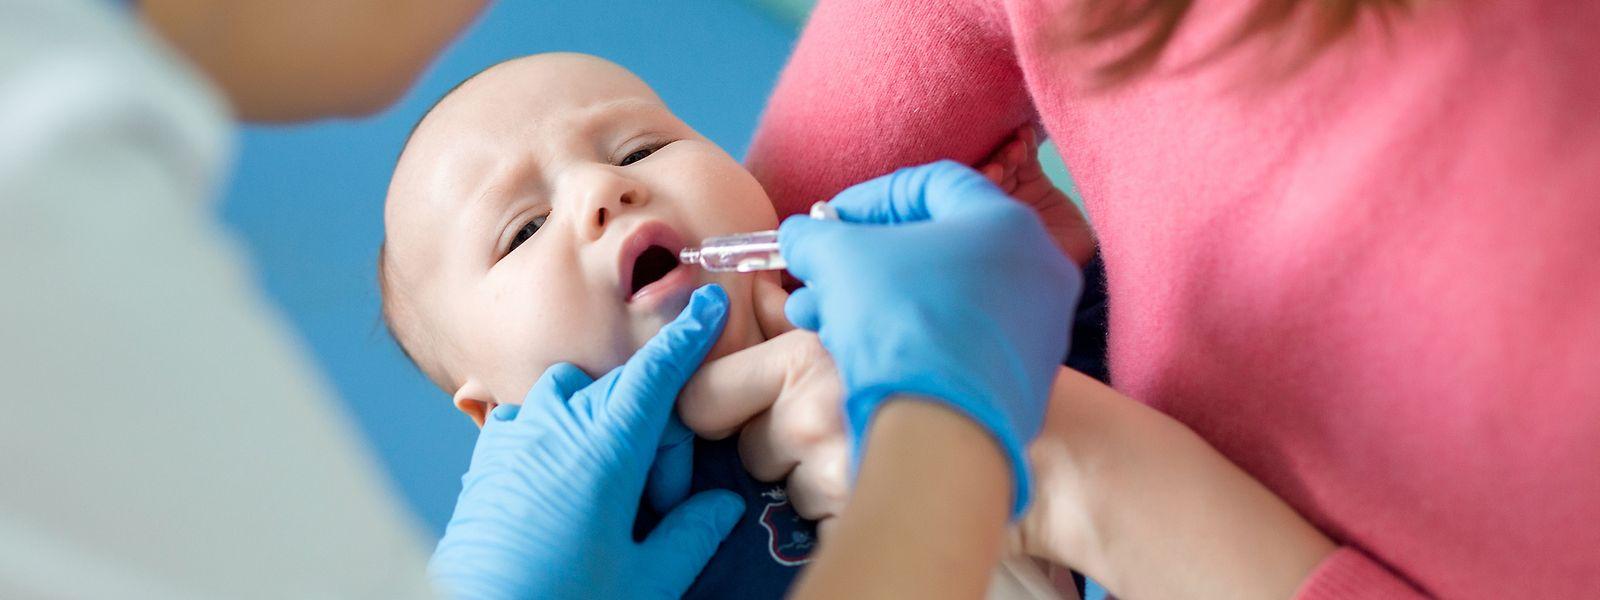 Kleinkindern wird der Impfstoff gegen Rotaviren in der Regel via Schluckimpfung verabreicht.